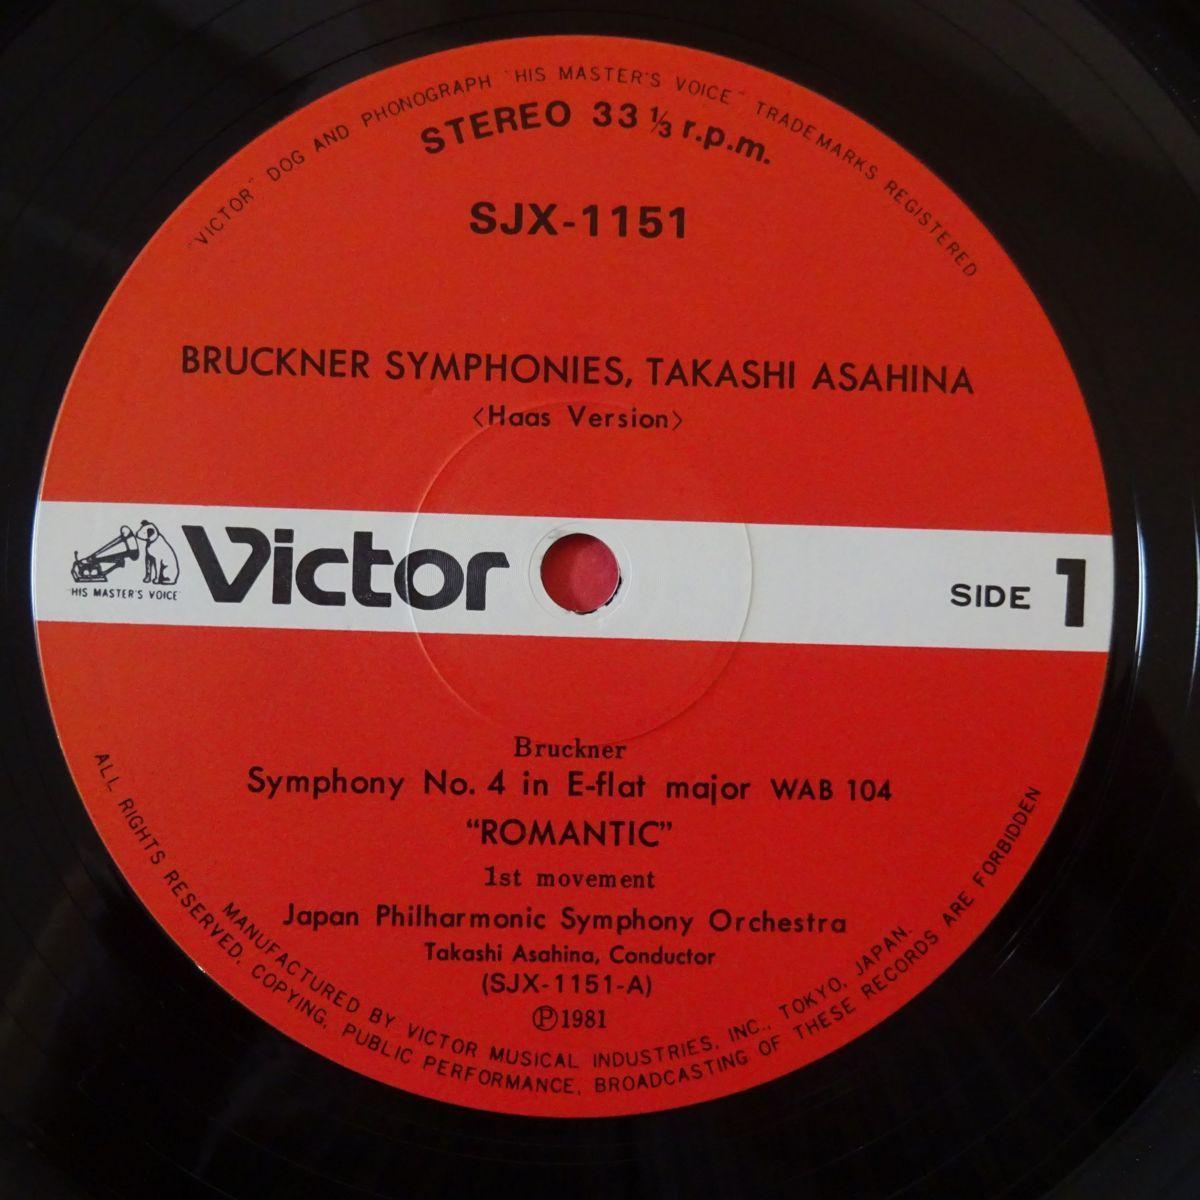 13040659; 帯付⁄9LPボックスセット 朝比奈隆 ⁄ ブルックナー ⁄ 交響曲選集 3